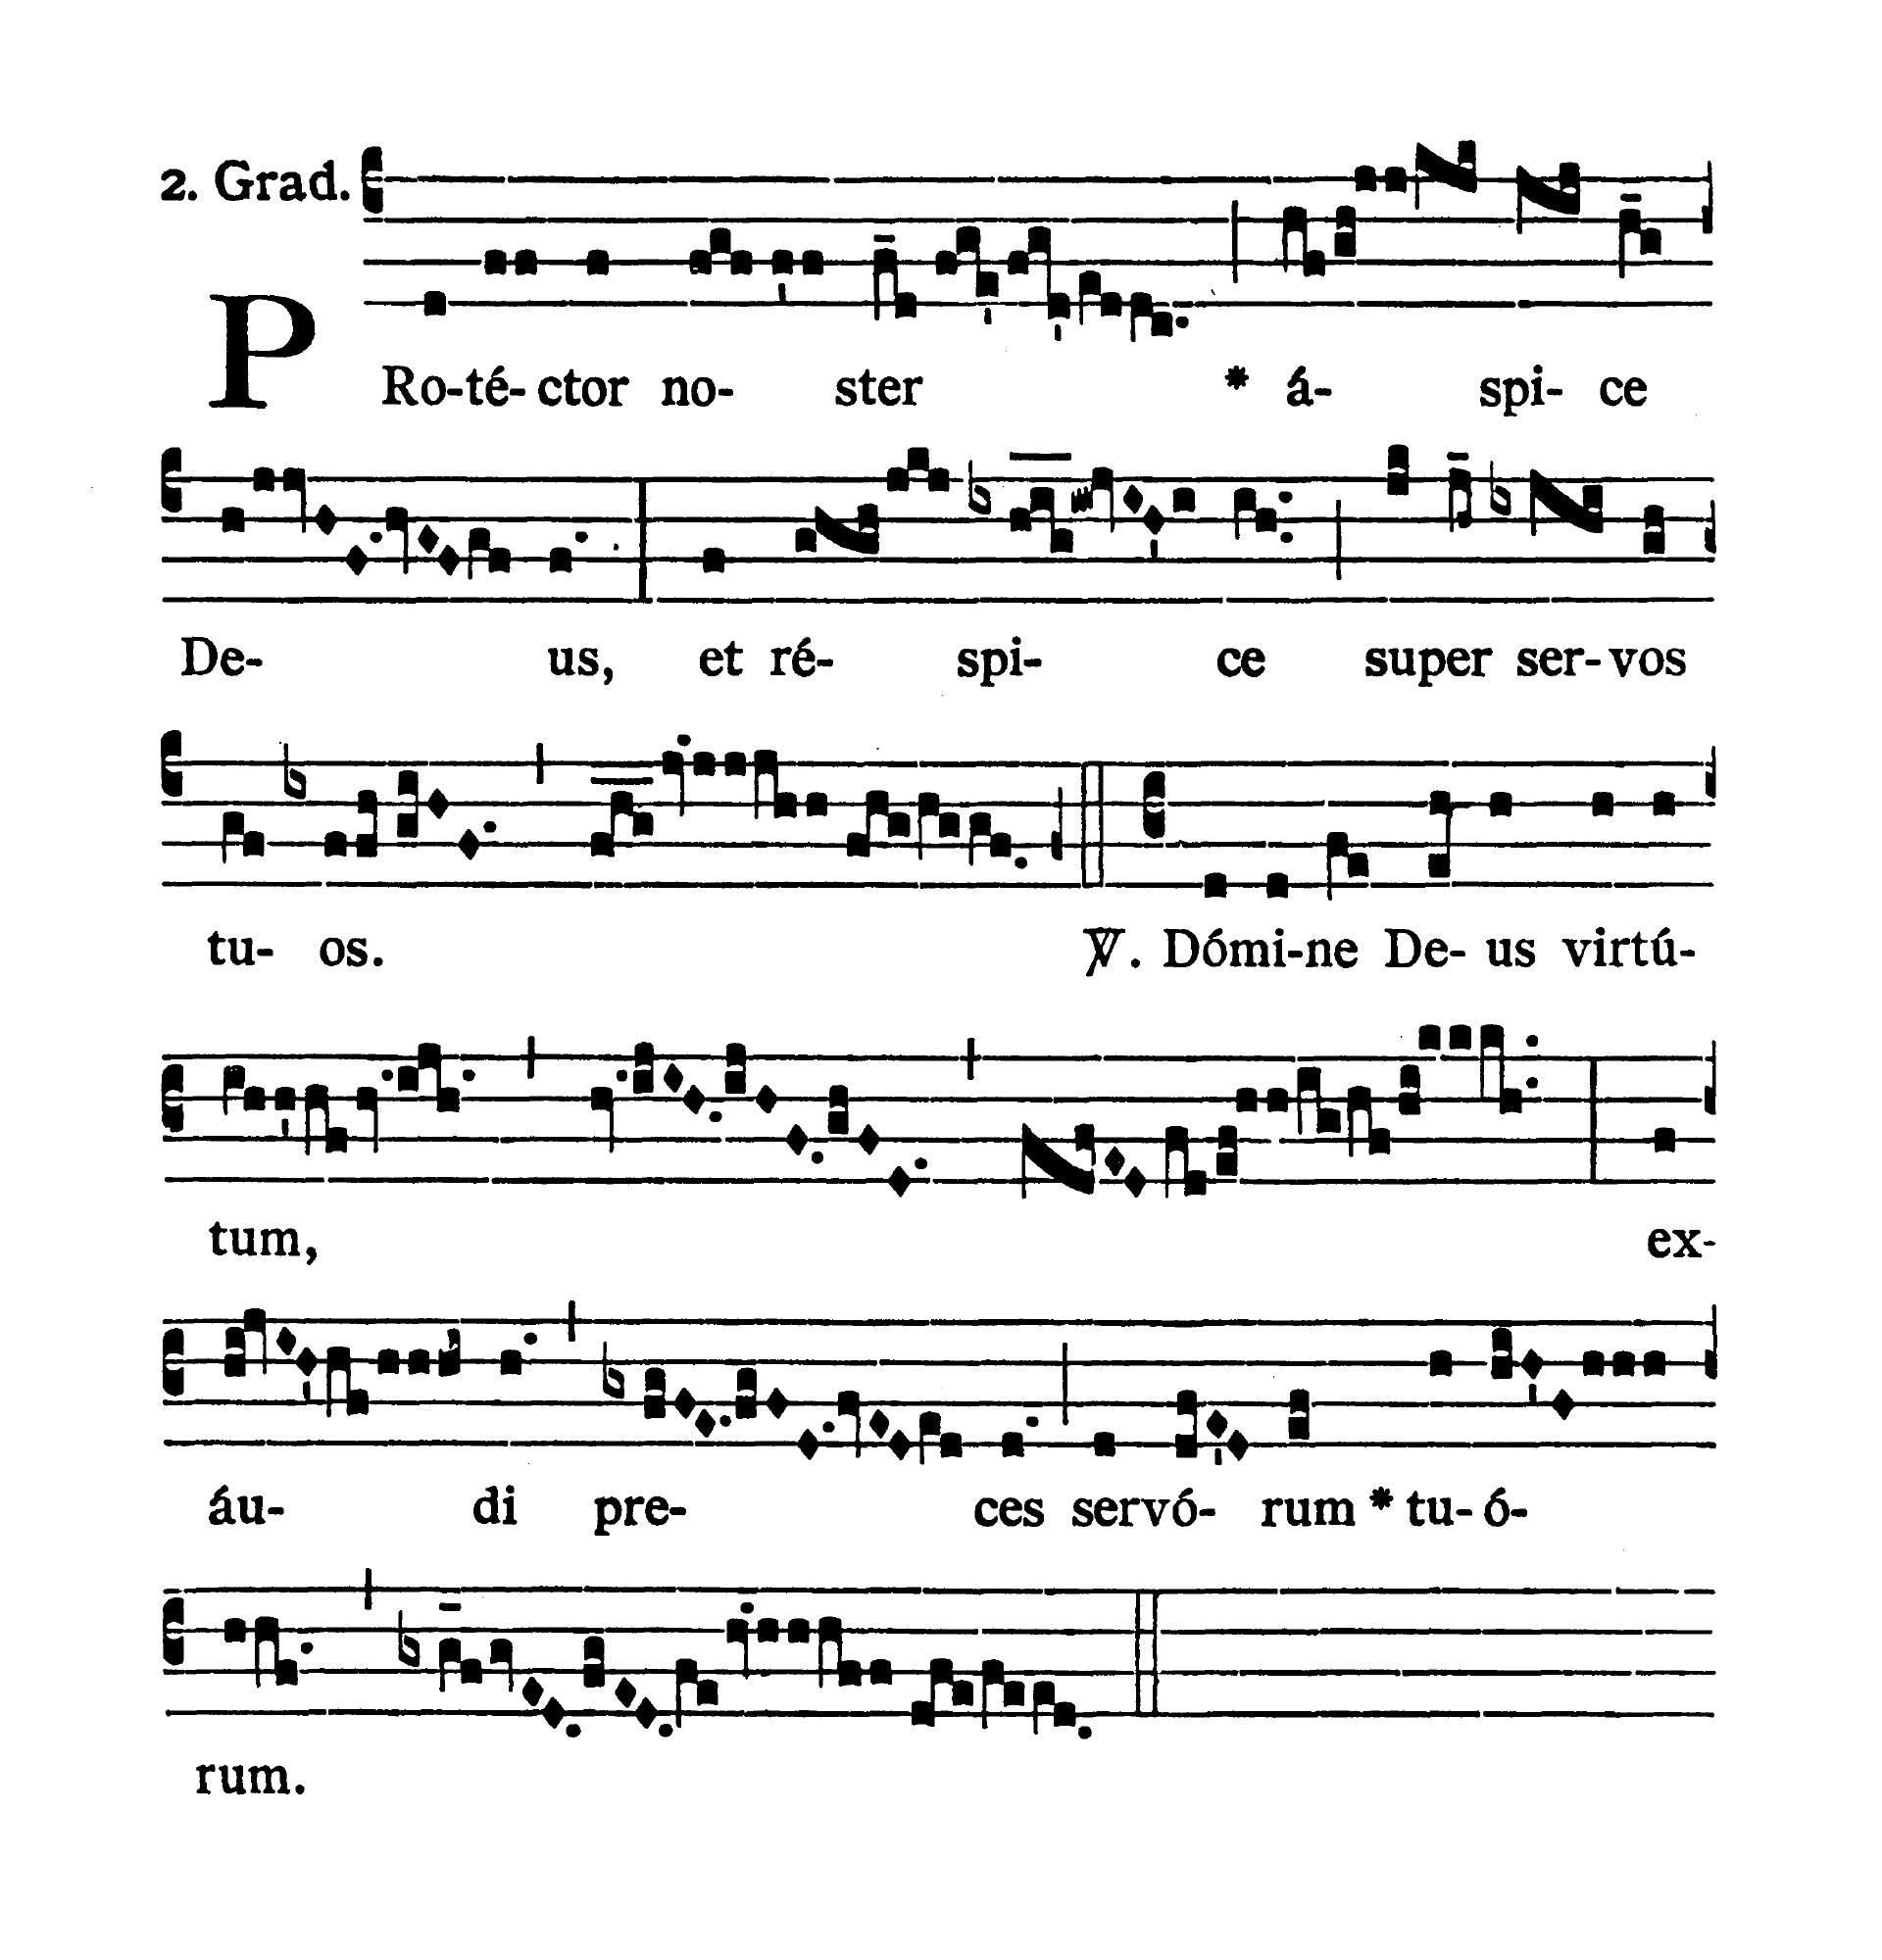 Sabbato Quatuor Temporum Septembris (Sobota suchych dni wrześniowych) - Graduale (Protector noster)